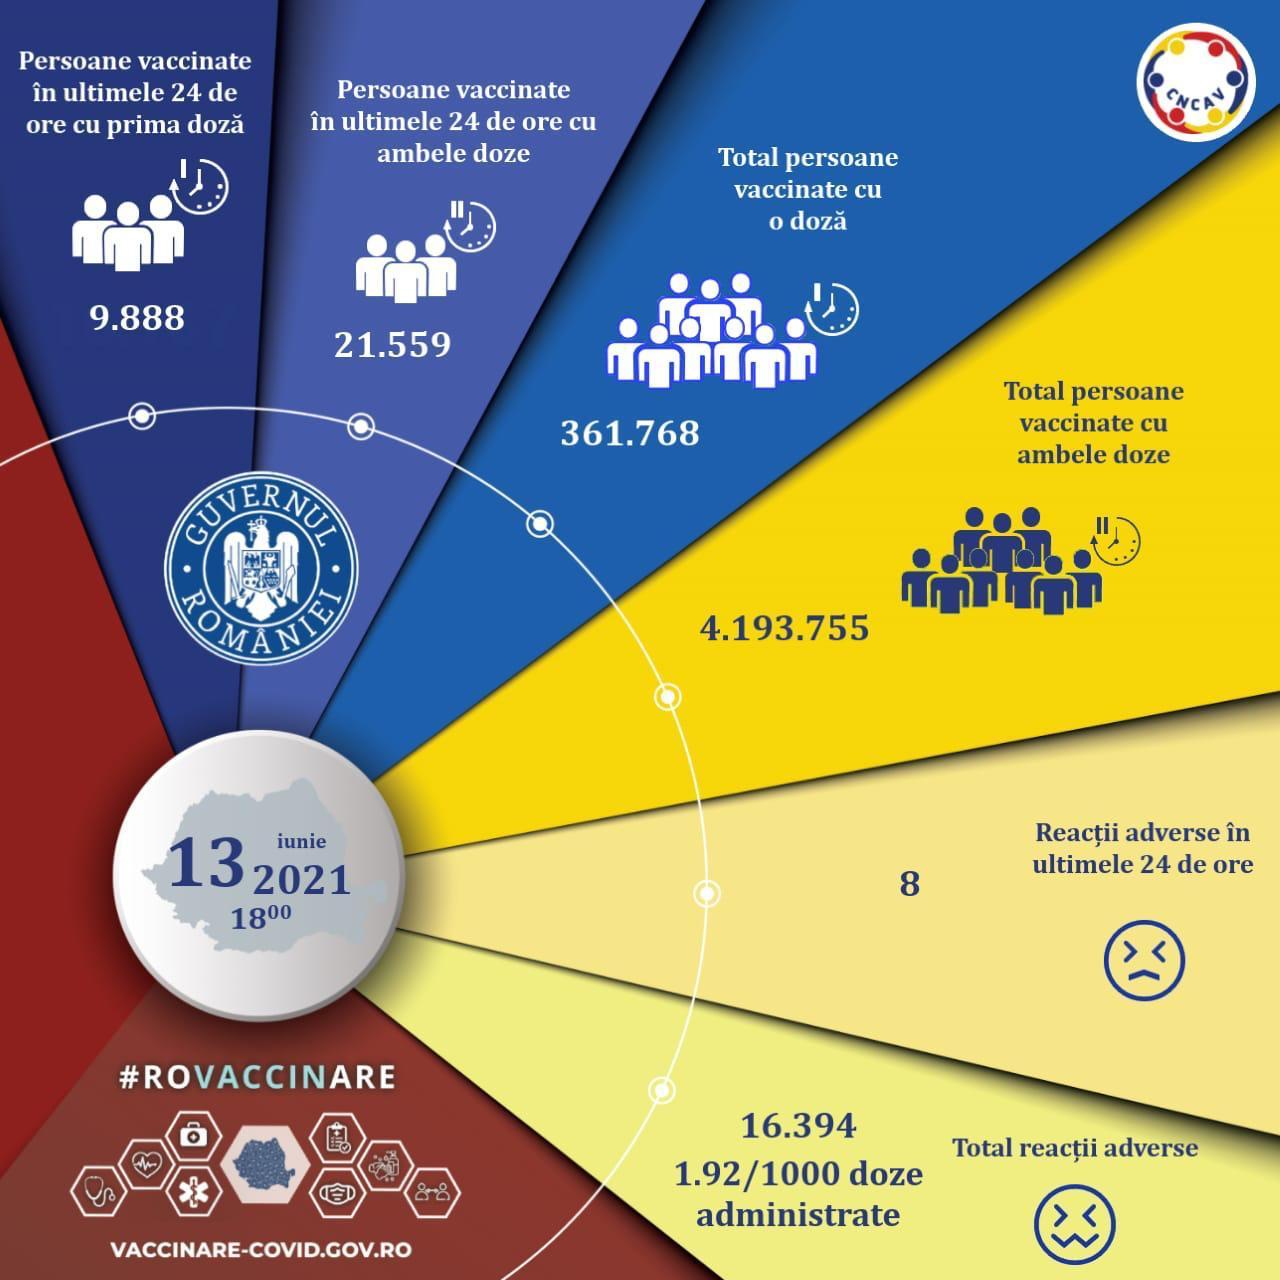 Mai puțin de 10.000 de români s-au vaccinat cu prima doză în ultimele 24 de ore. La cât am ajuns în total